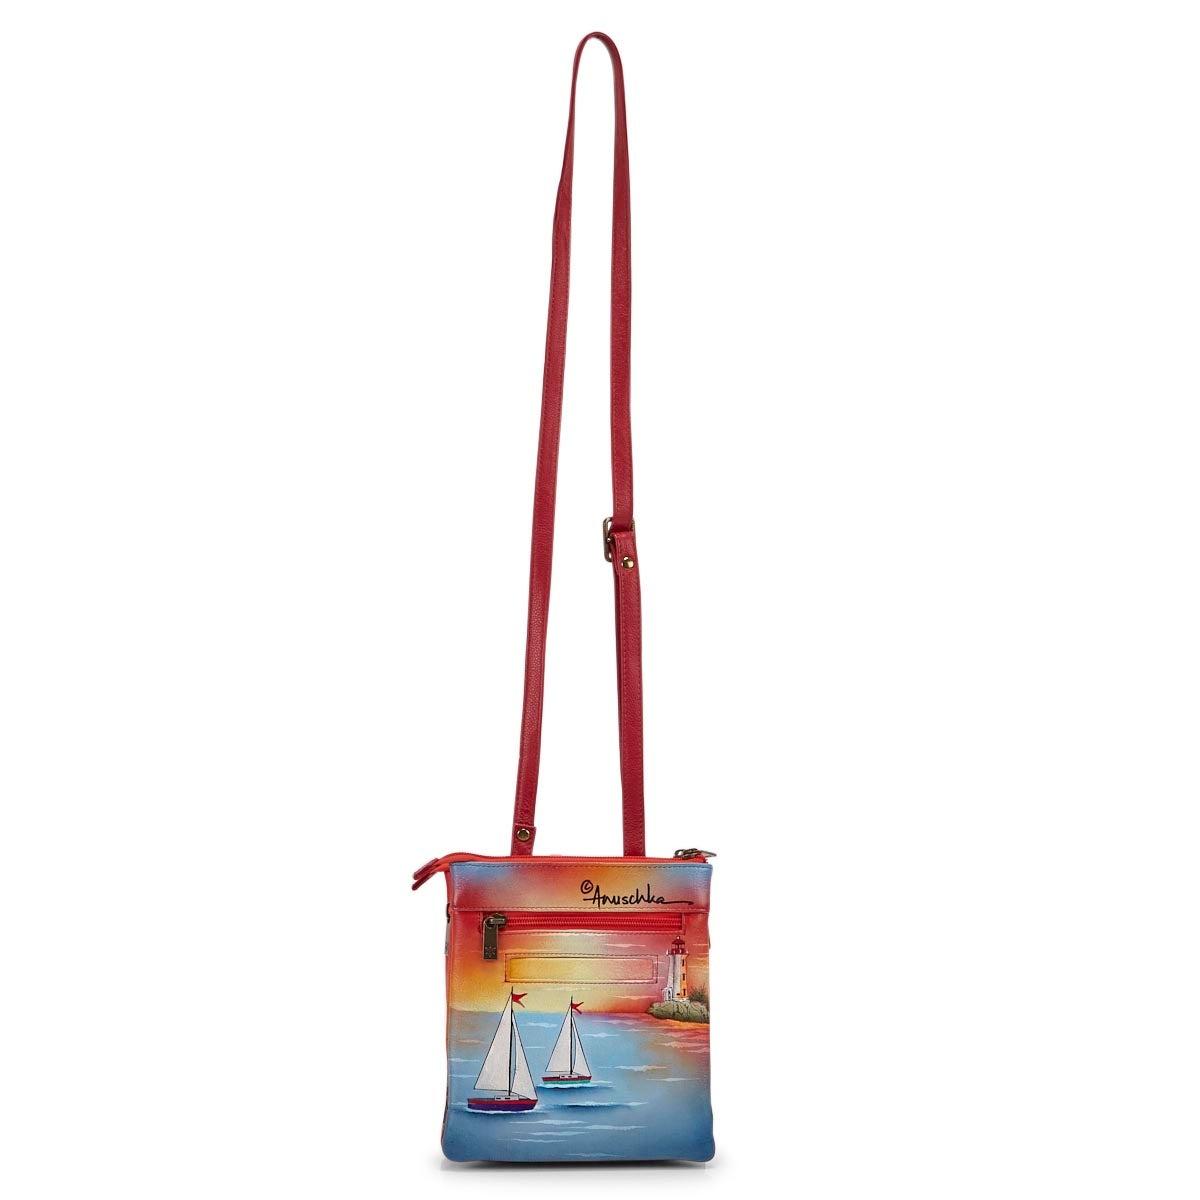 Sac bandoulière GUIDINGLIGHTcuir peint multicolore